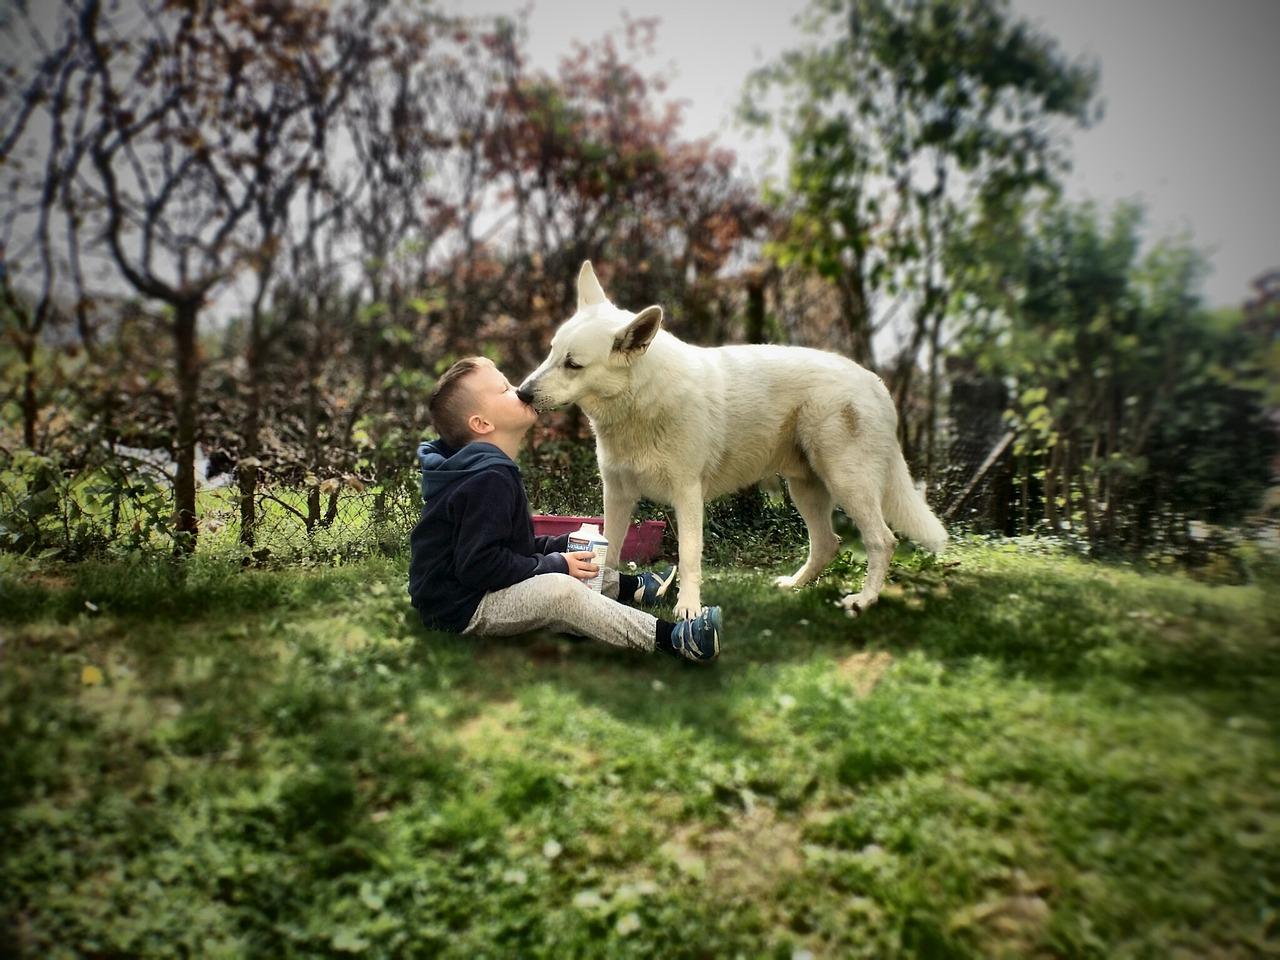 вы целуете своих домашних животных фото никак влияют